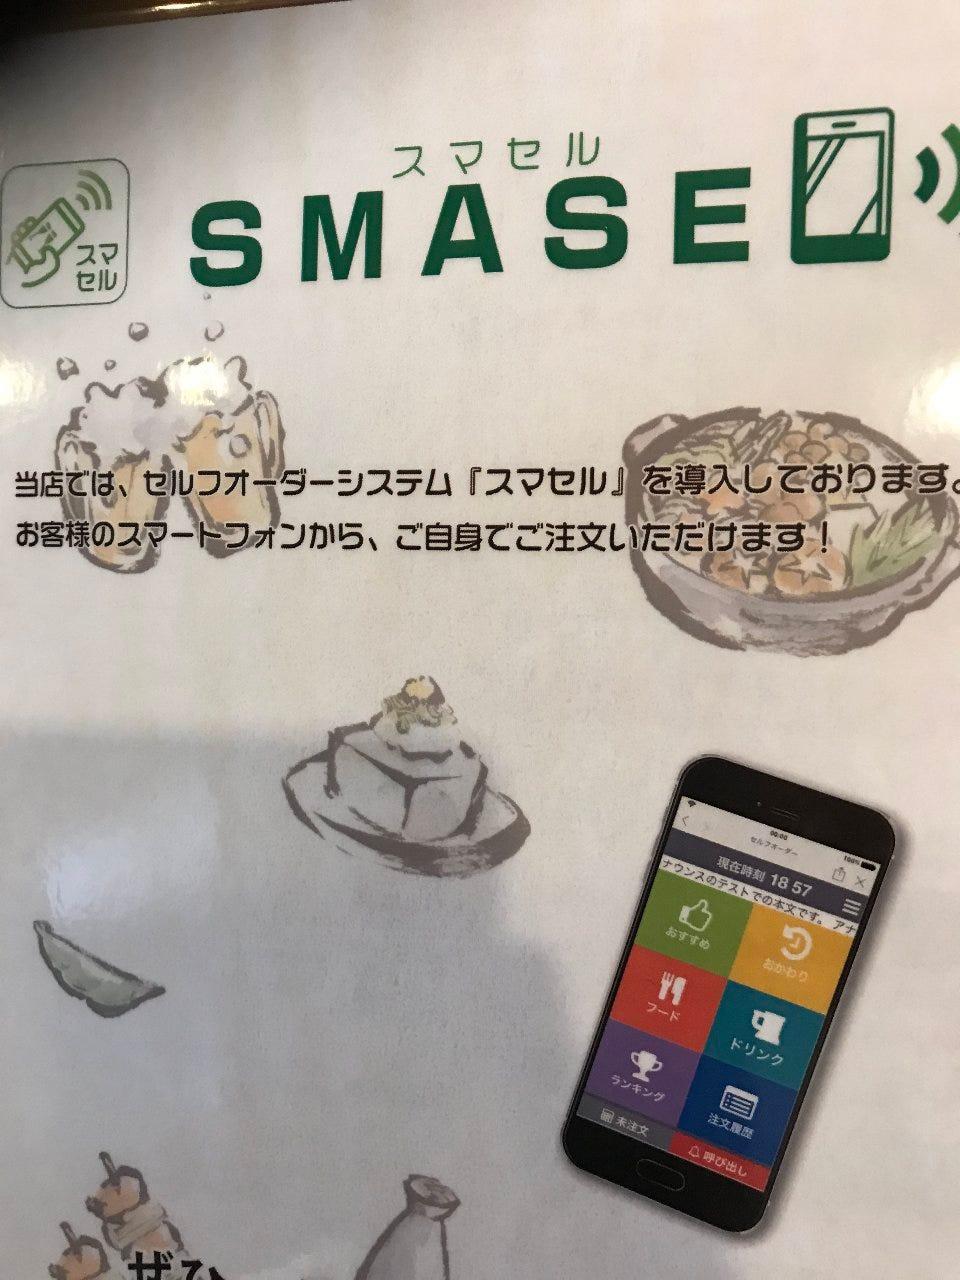 セルフオーダーシステム【スマセル】